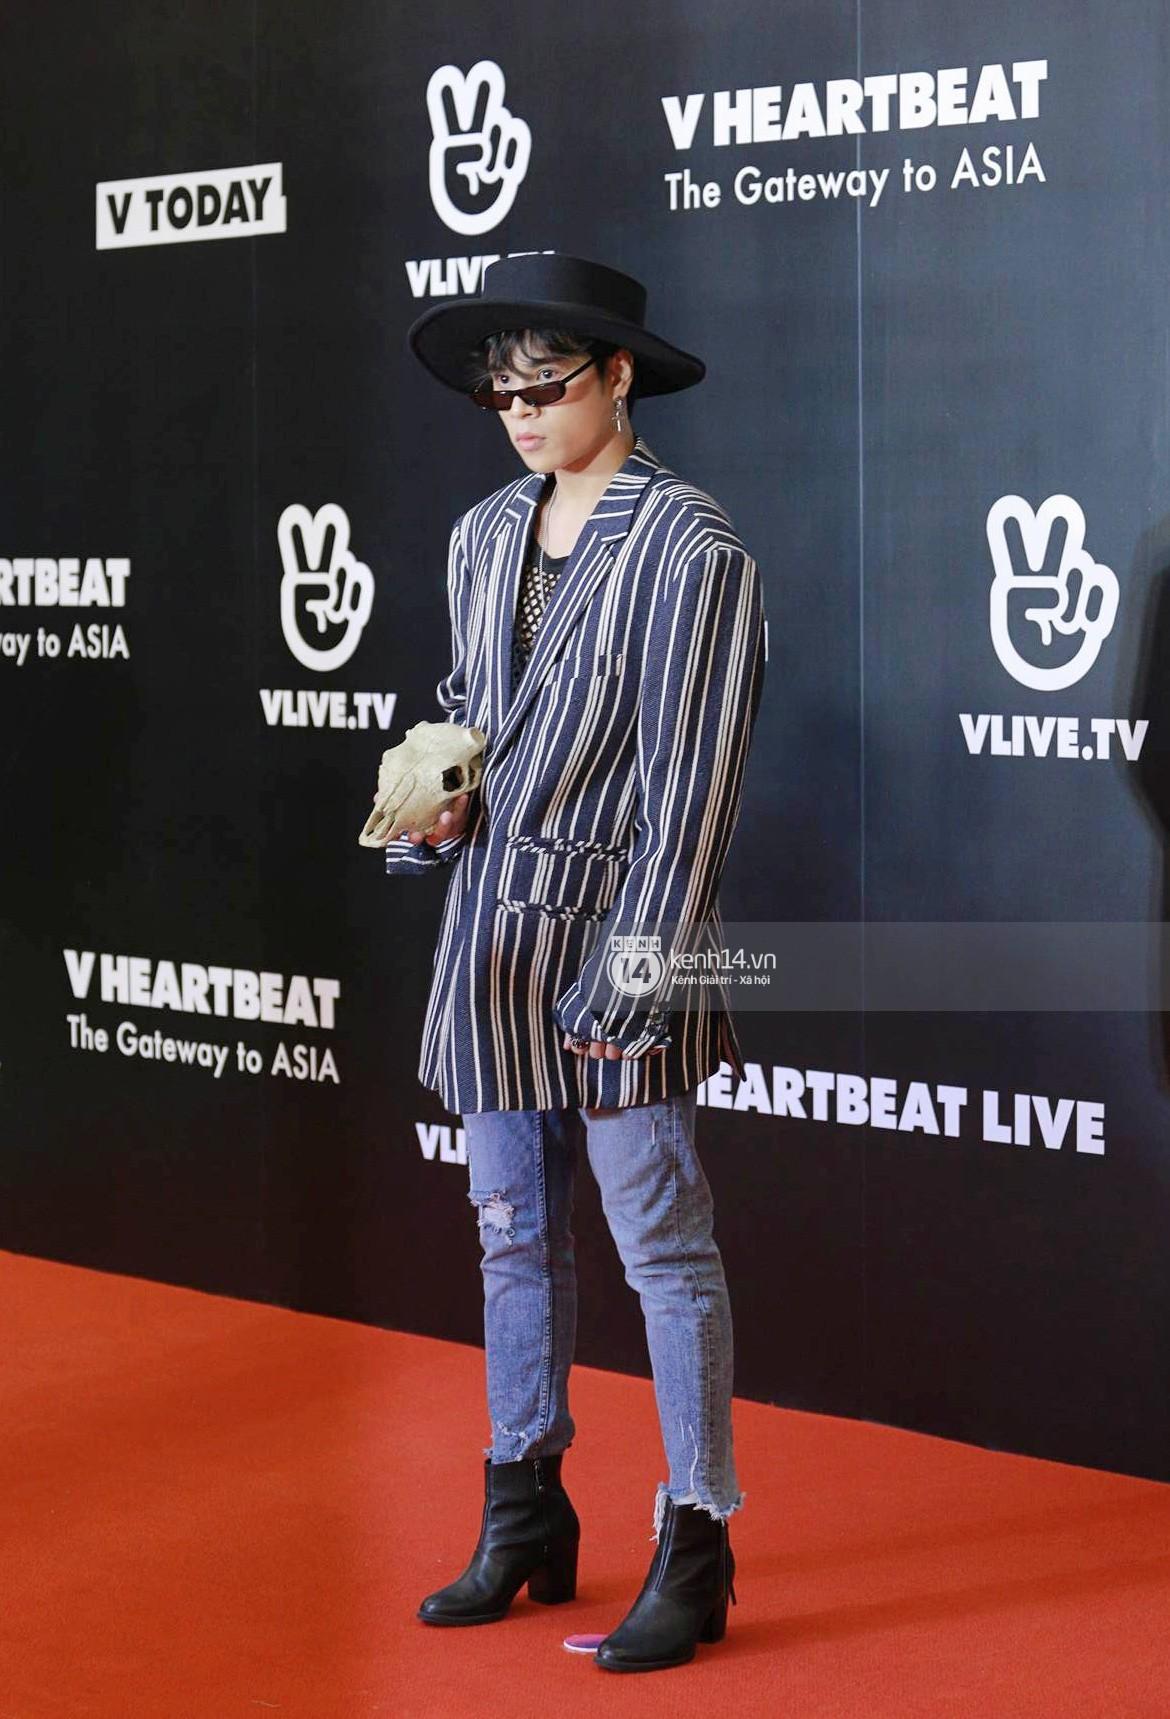 Thảm đỏ đêm nhạc Hàn-Việt: Jung Hae In, WINNER đẹp trai cực phẩm, Chi Pu và Hòa Minzy đọ sắc cùng loạt sao Việt - Ảnh 20.